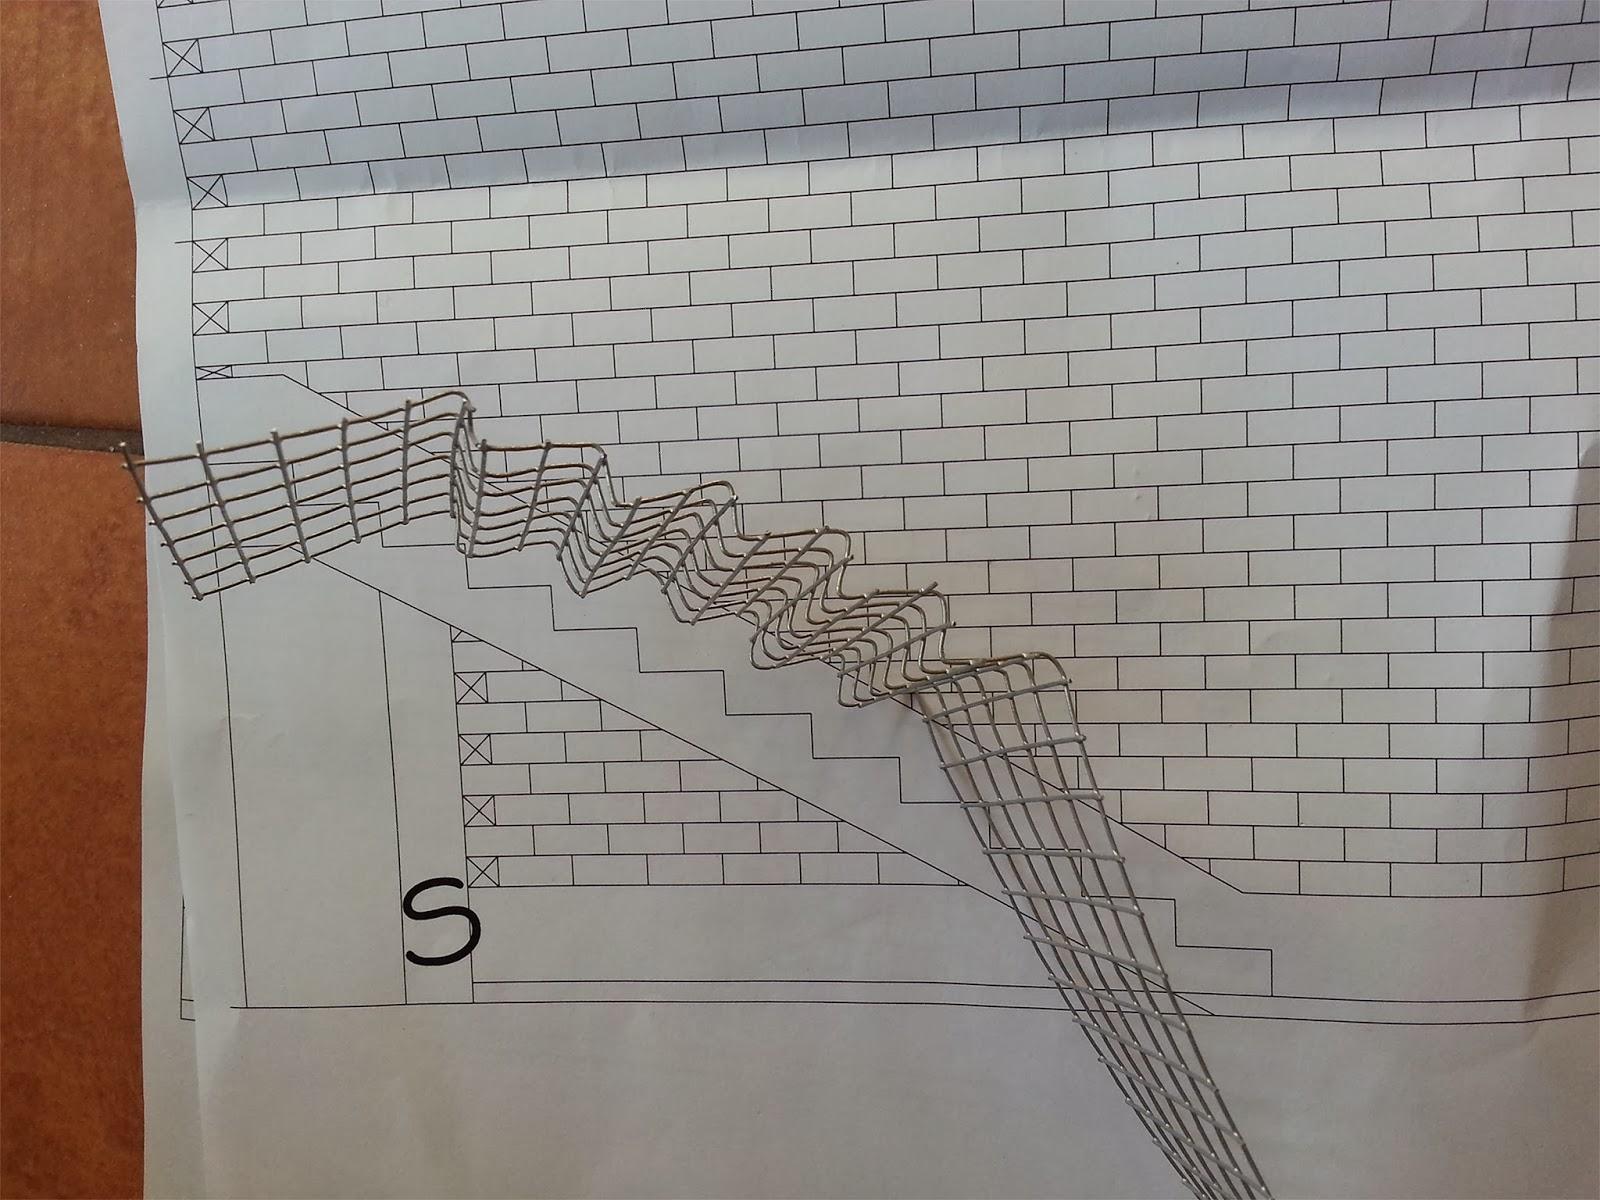 Bifamiliare in scala 1:25: 05   struttura in c.a. della scala.